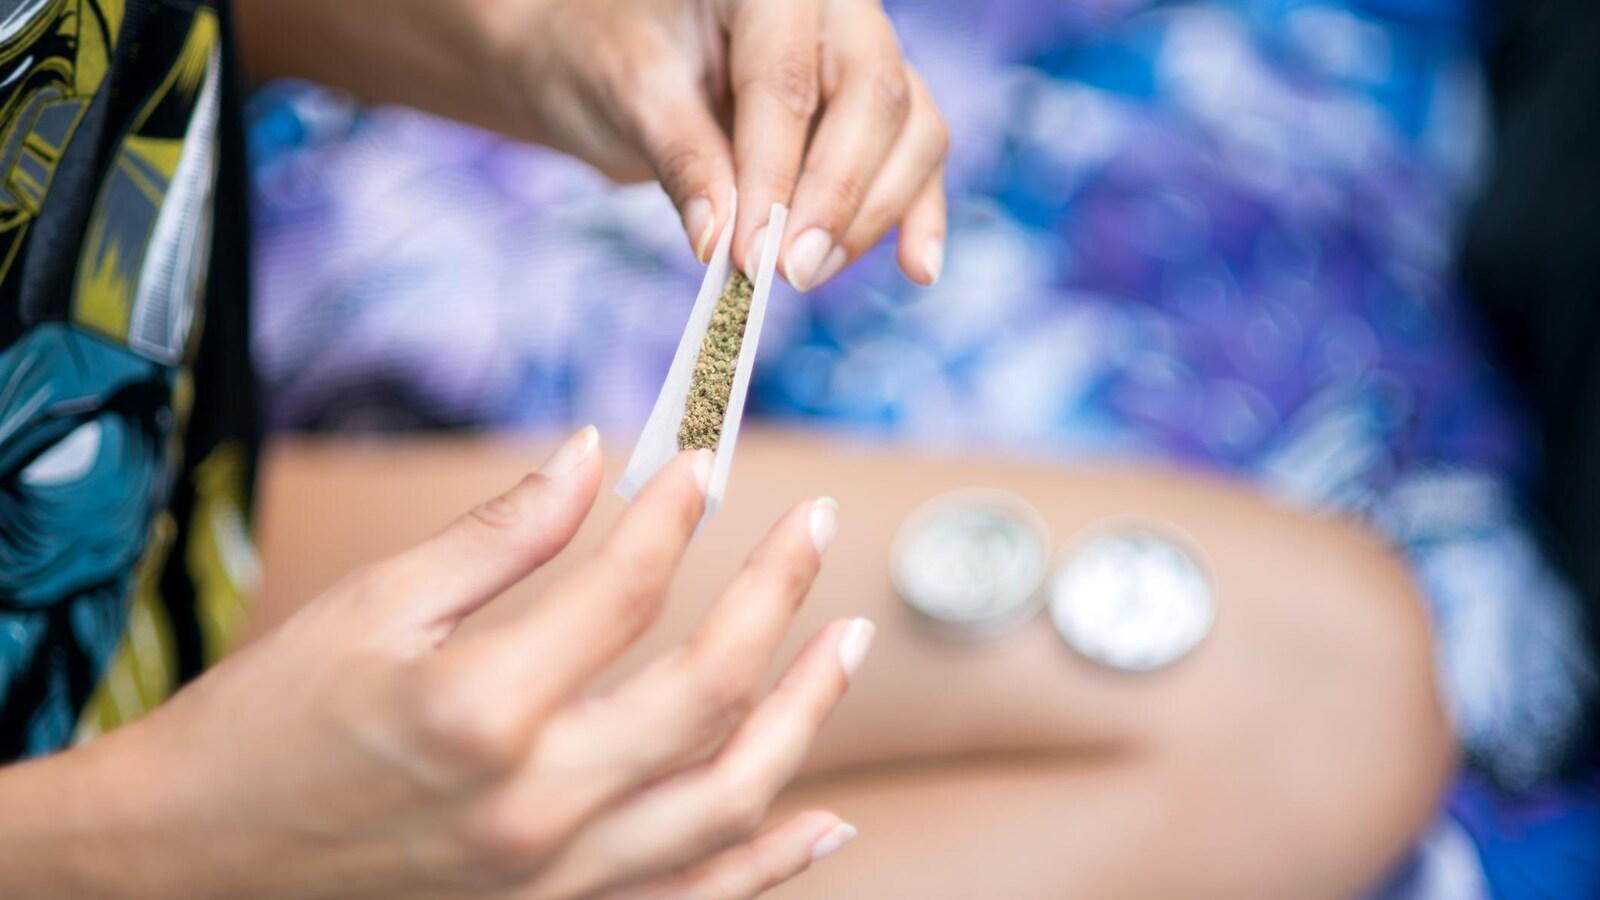 Gros plan sur les mains d'une femme roulant un joint de cannabis.